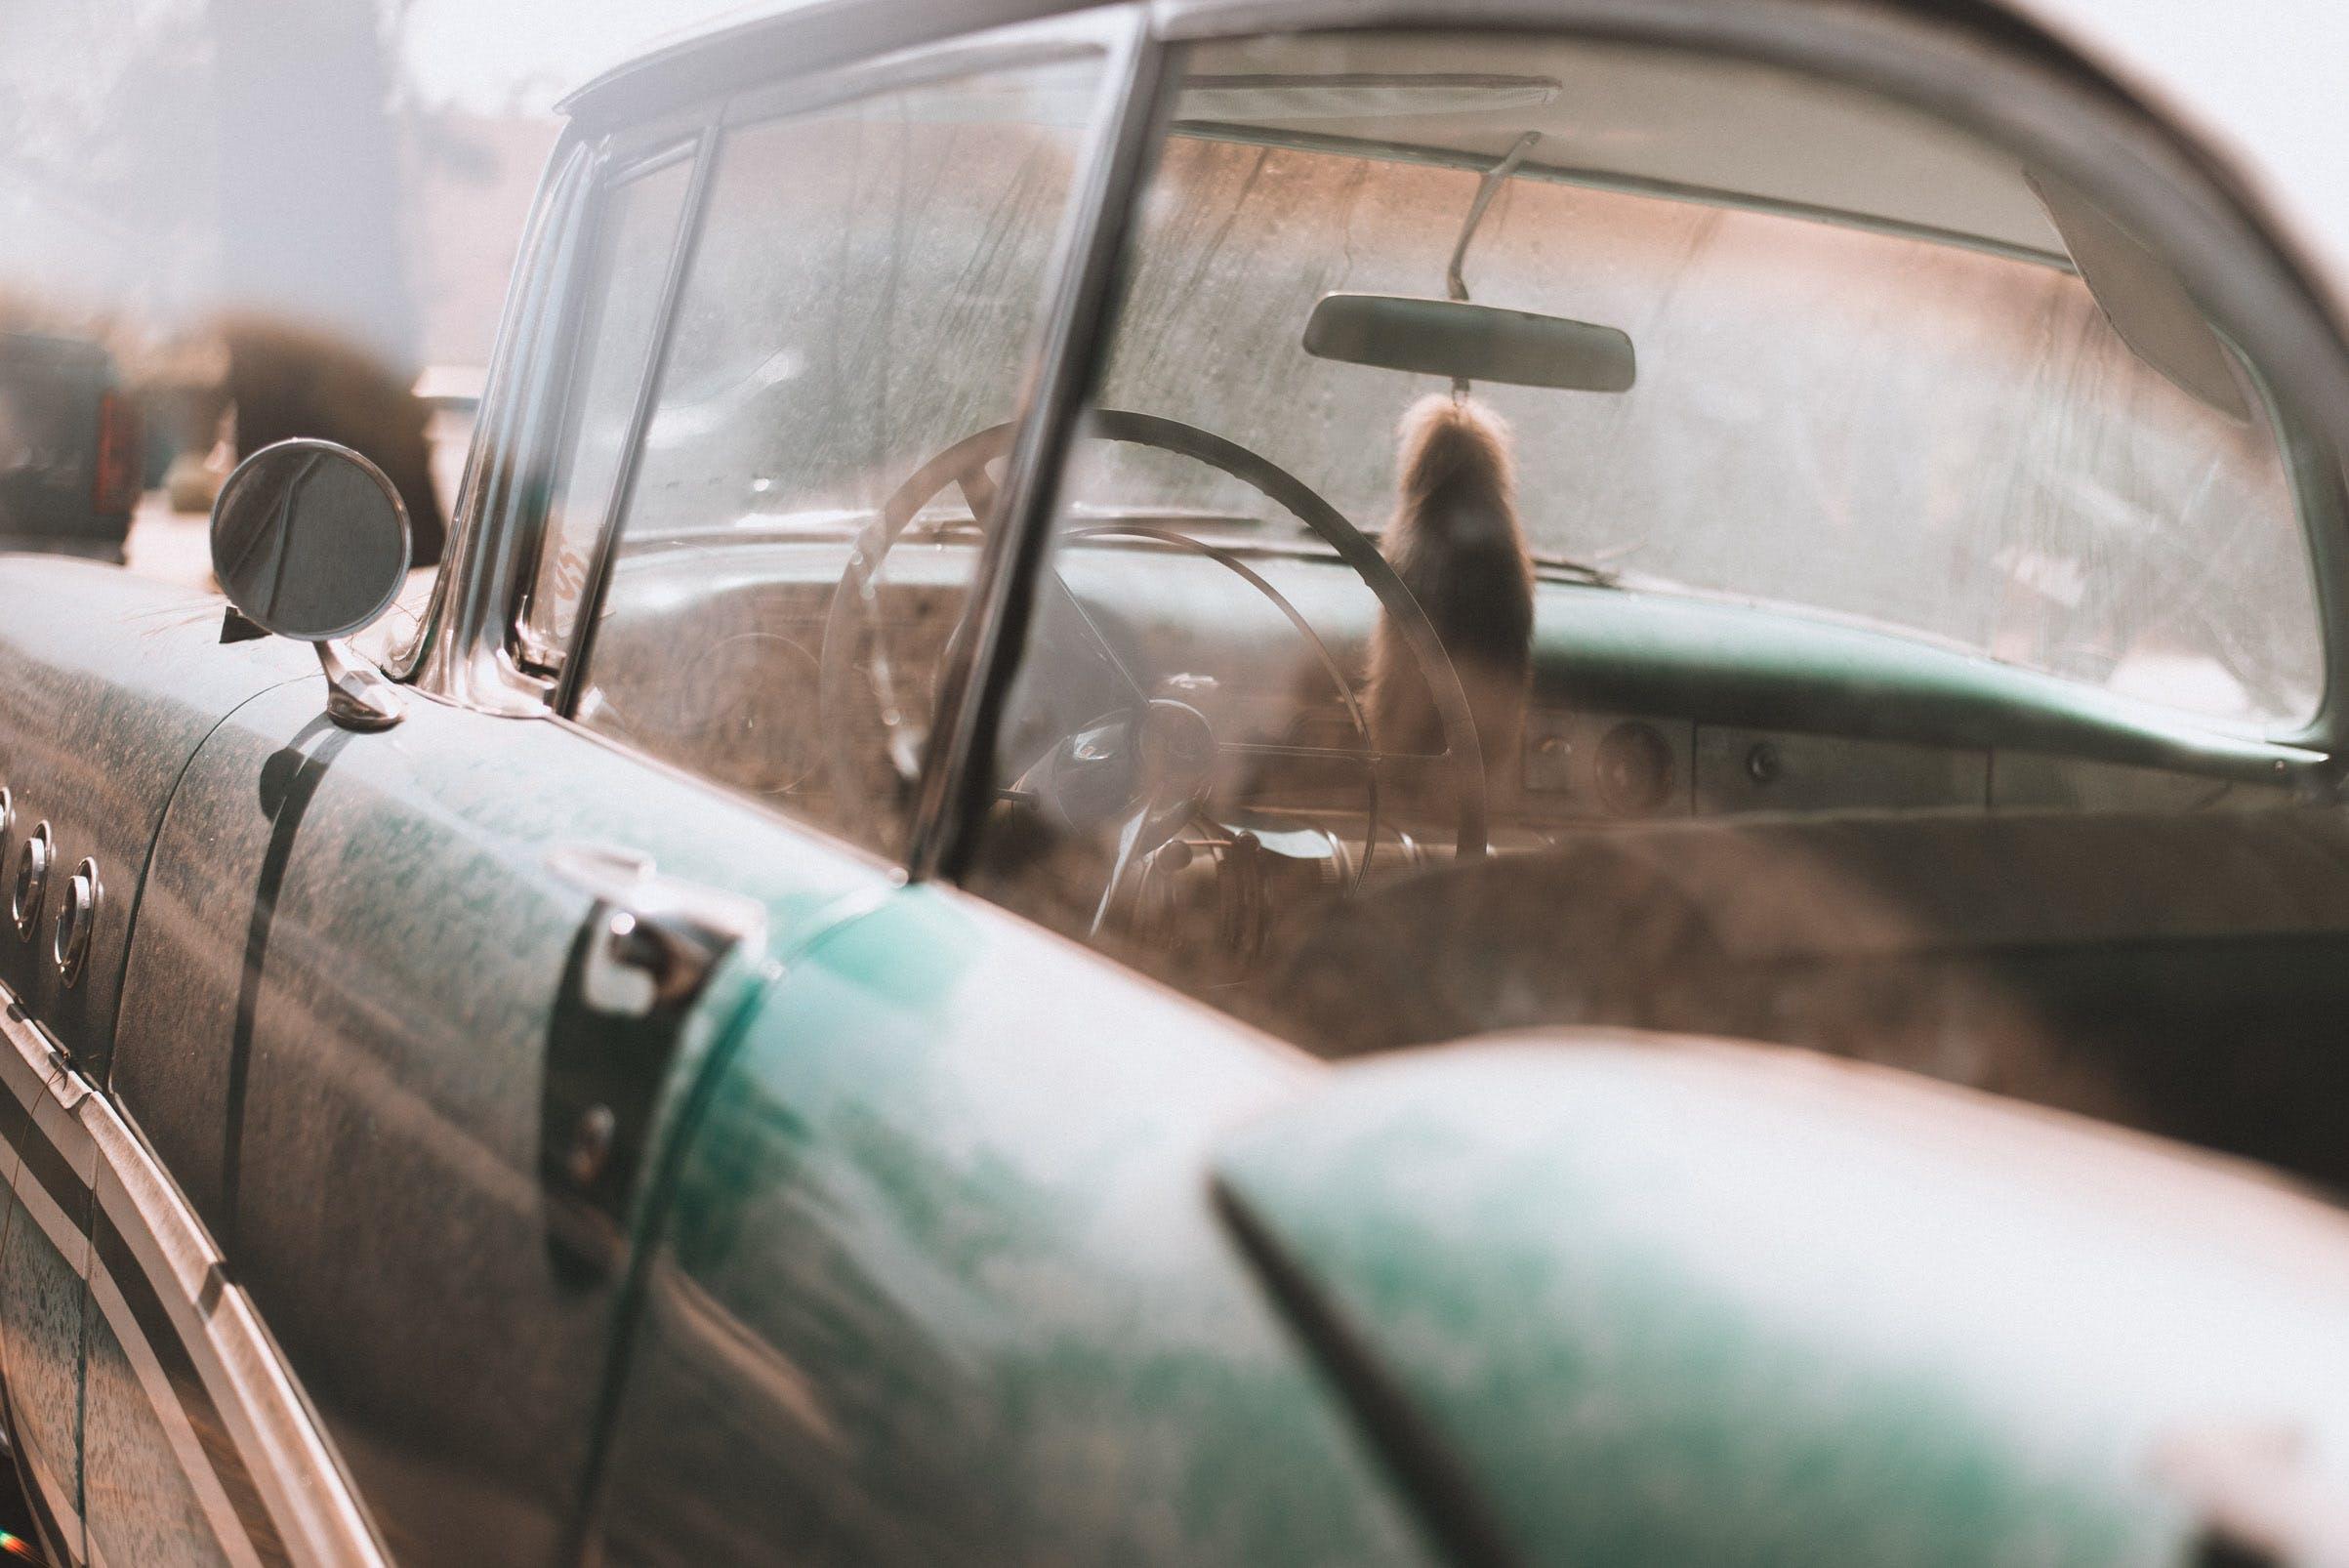 Gratis stockfoto met auto, automobiel, automotive, klassiek